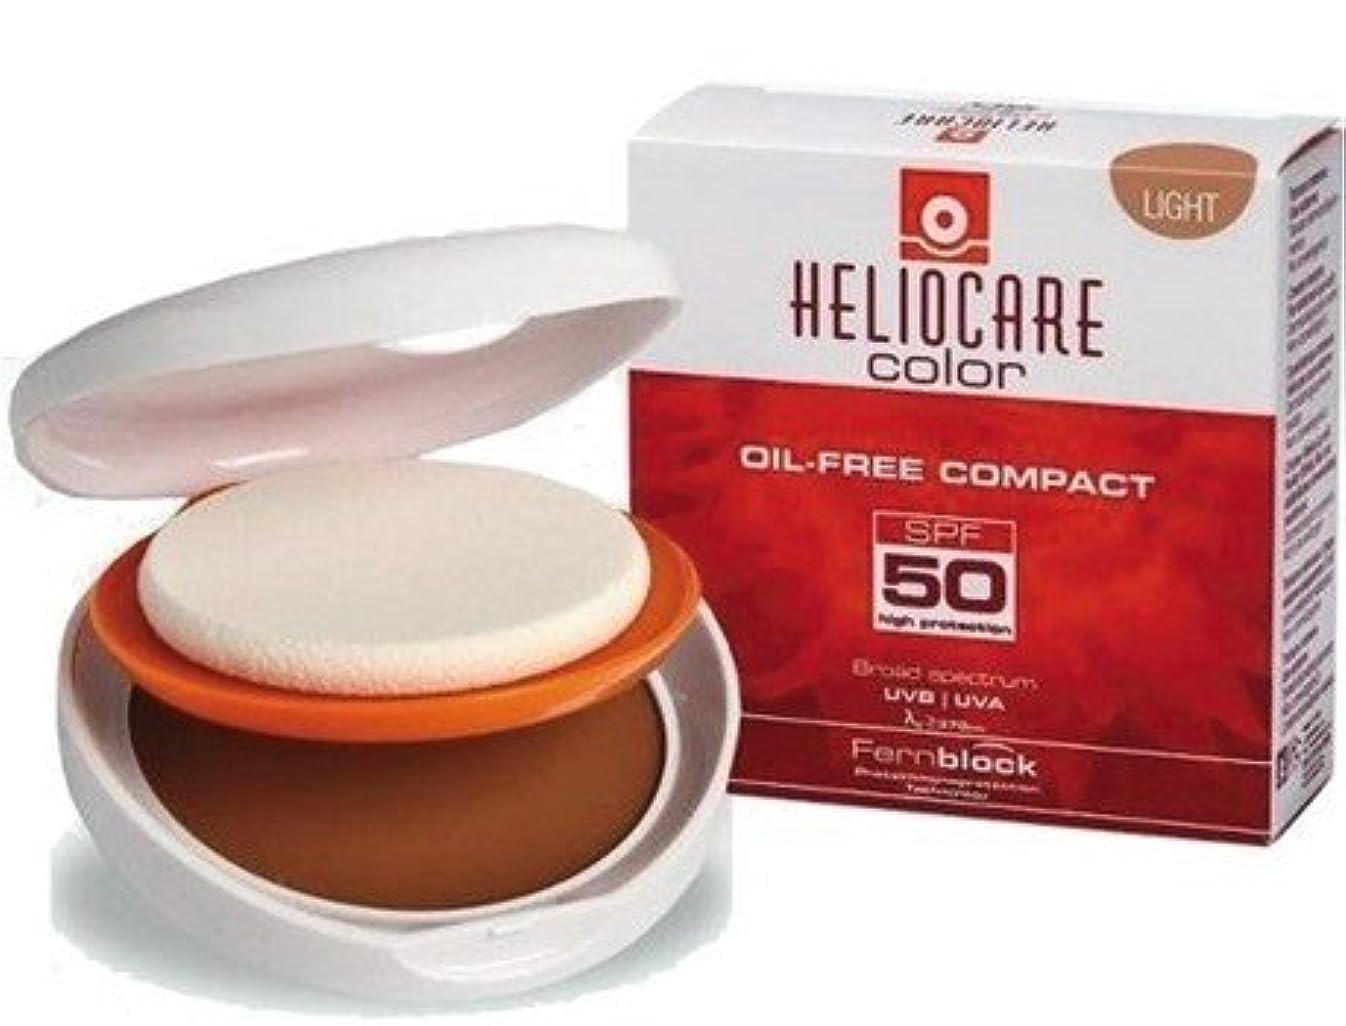 発表メロドラマティックリングレットヘリオケア カラーオイル フリーコンパクト SPF50 ライト HELIOCARE COLOR OIL FREE COMPACT SPF50 LIGHT